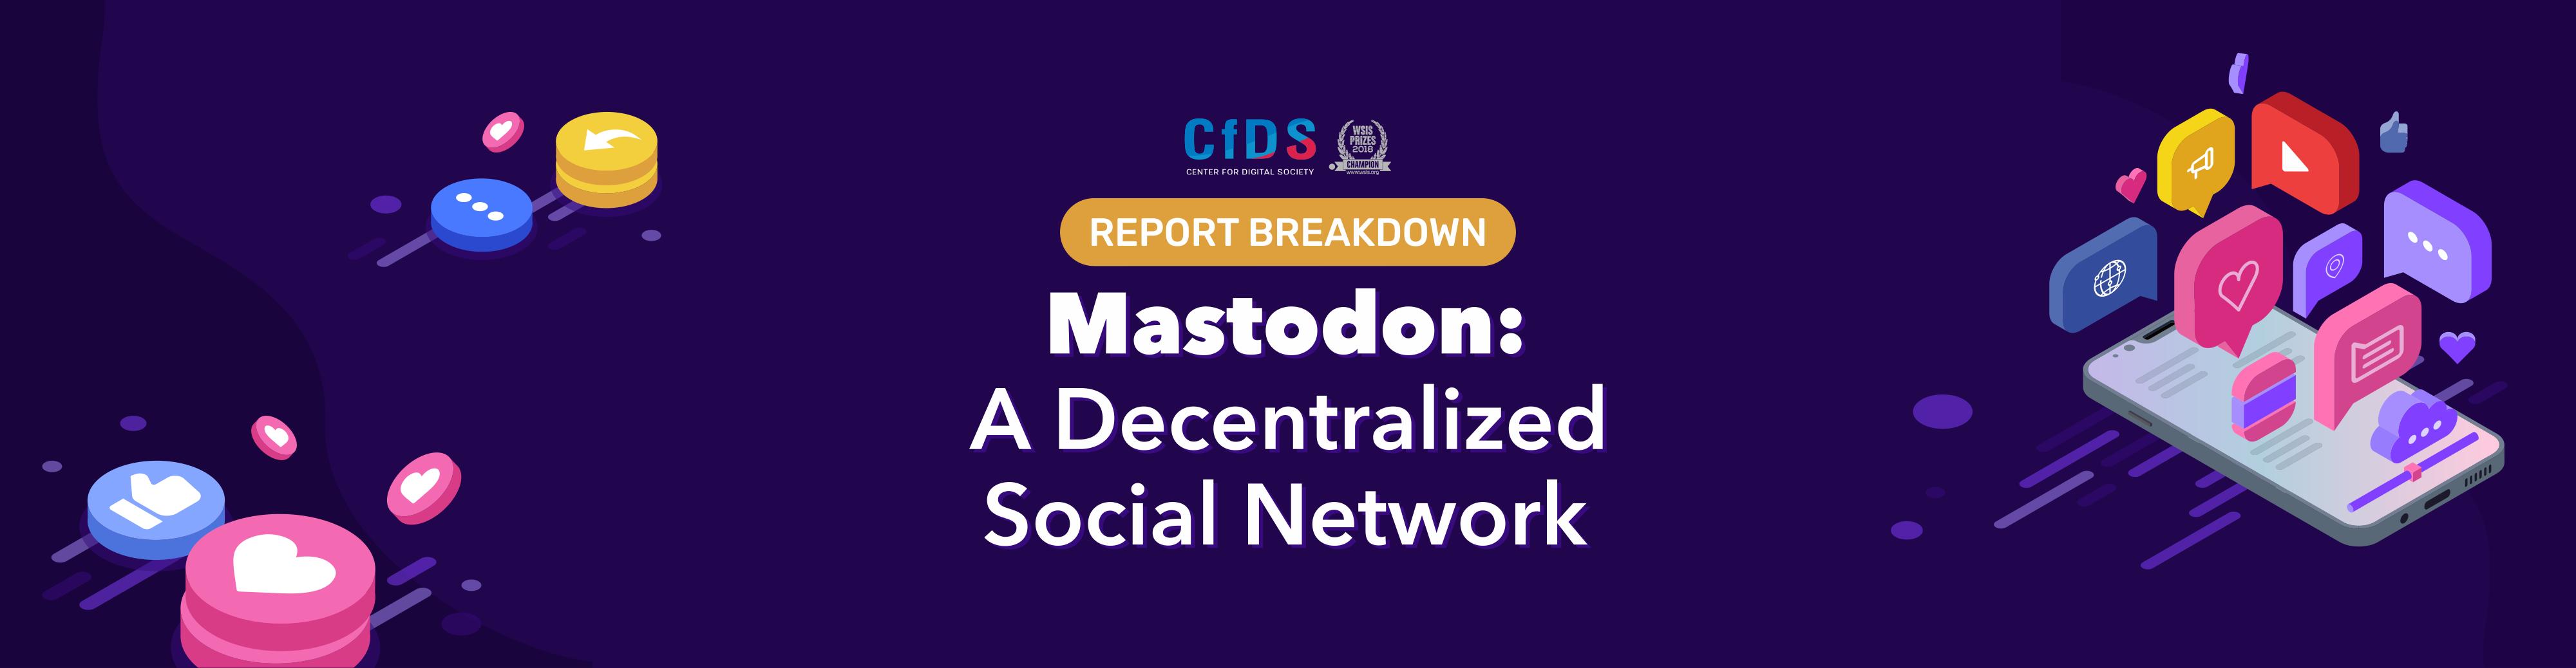 [Report Breakdown] Mastodon: A Decentralized Social Network